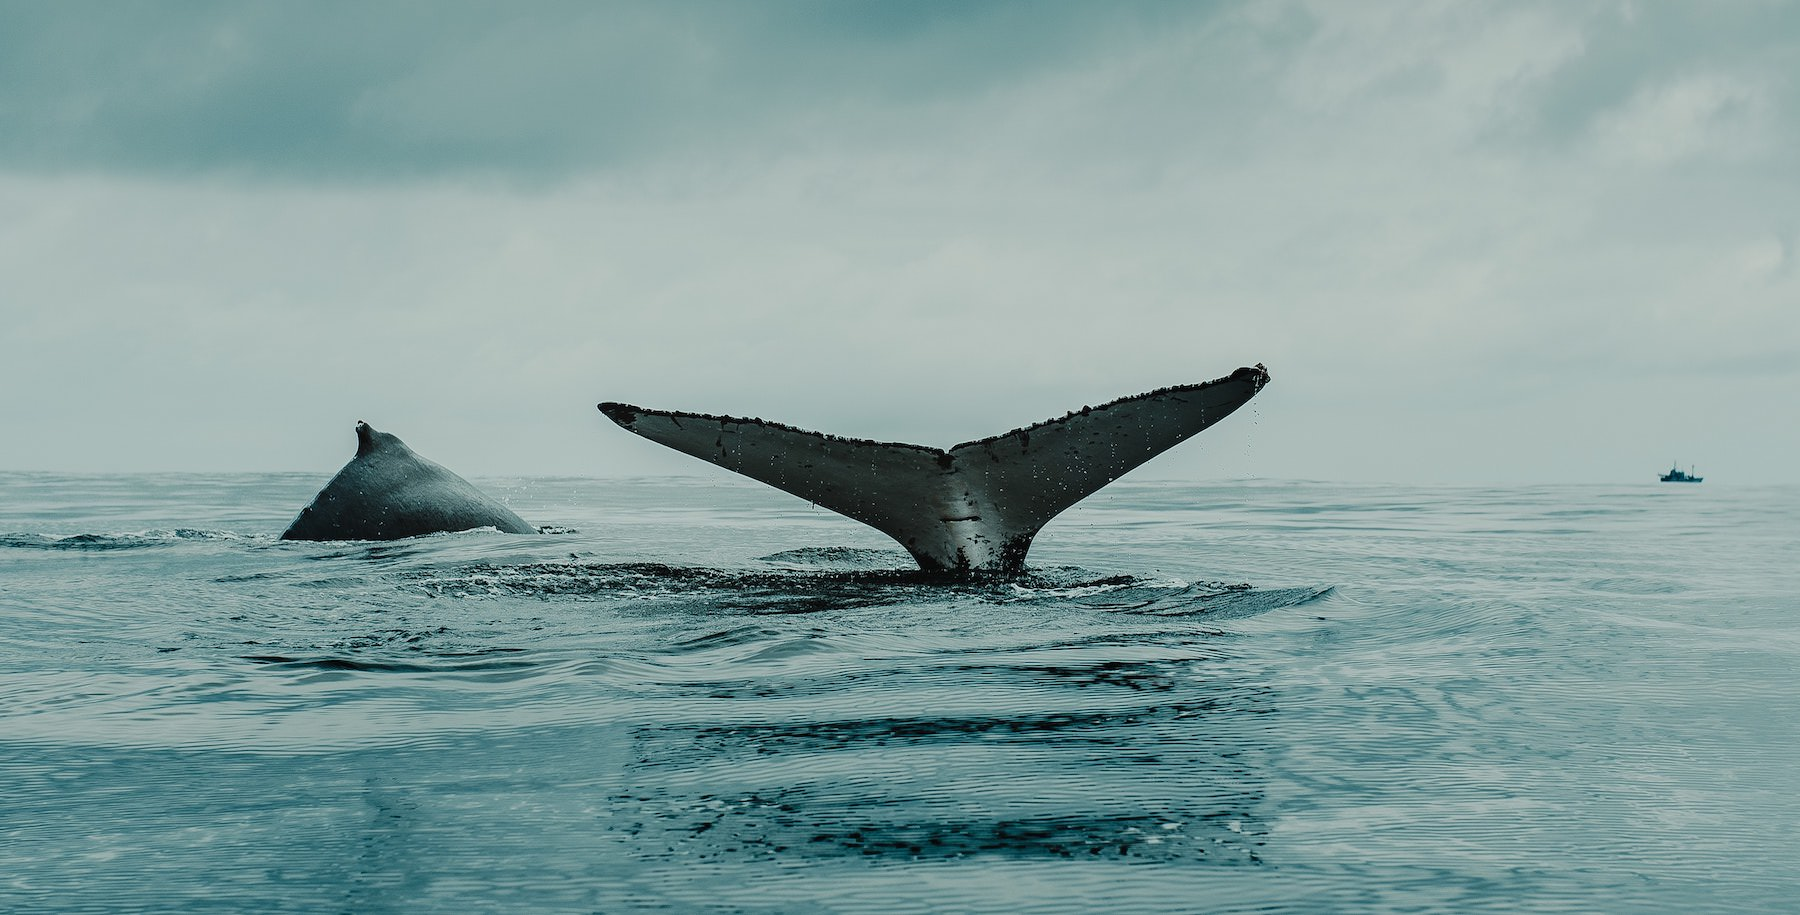 Whale by Flavio Gasperini